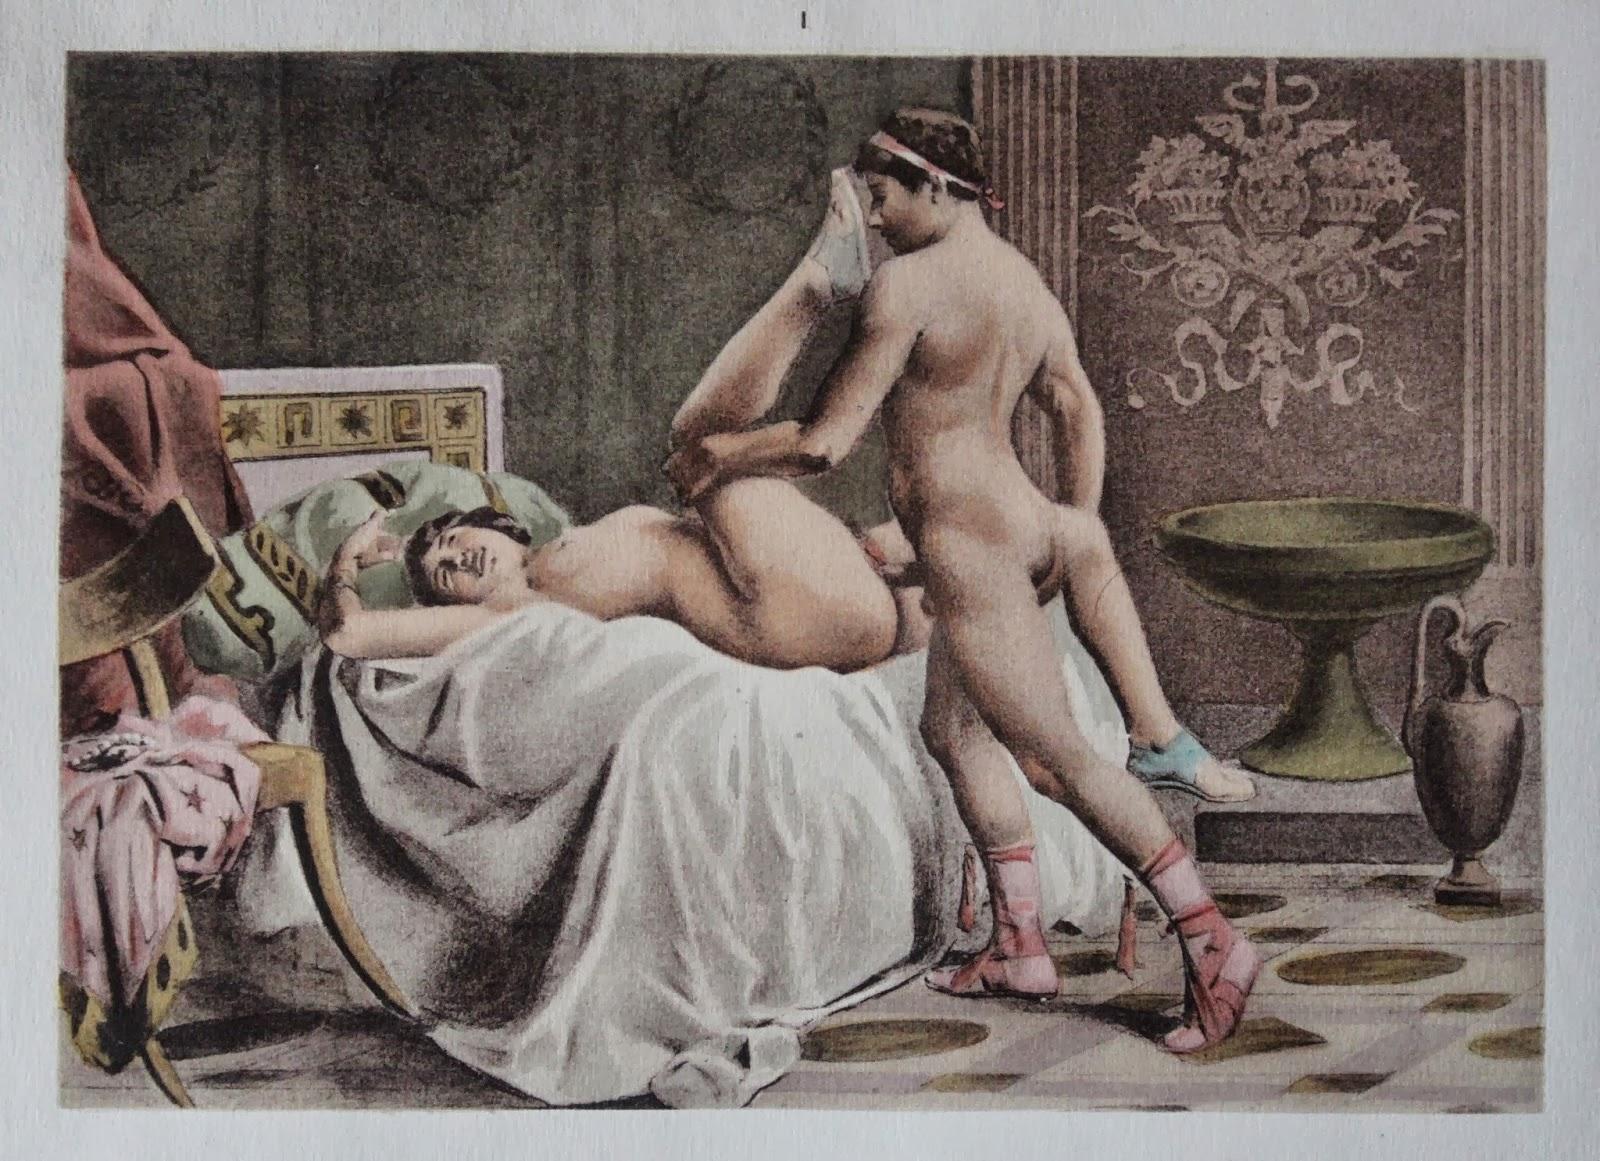 orgazm-porno-v-drevney-rossii-zvezdu-aziatku-bolshaya